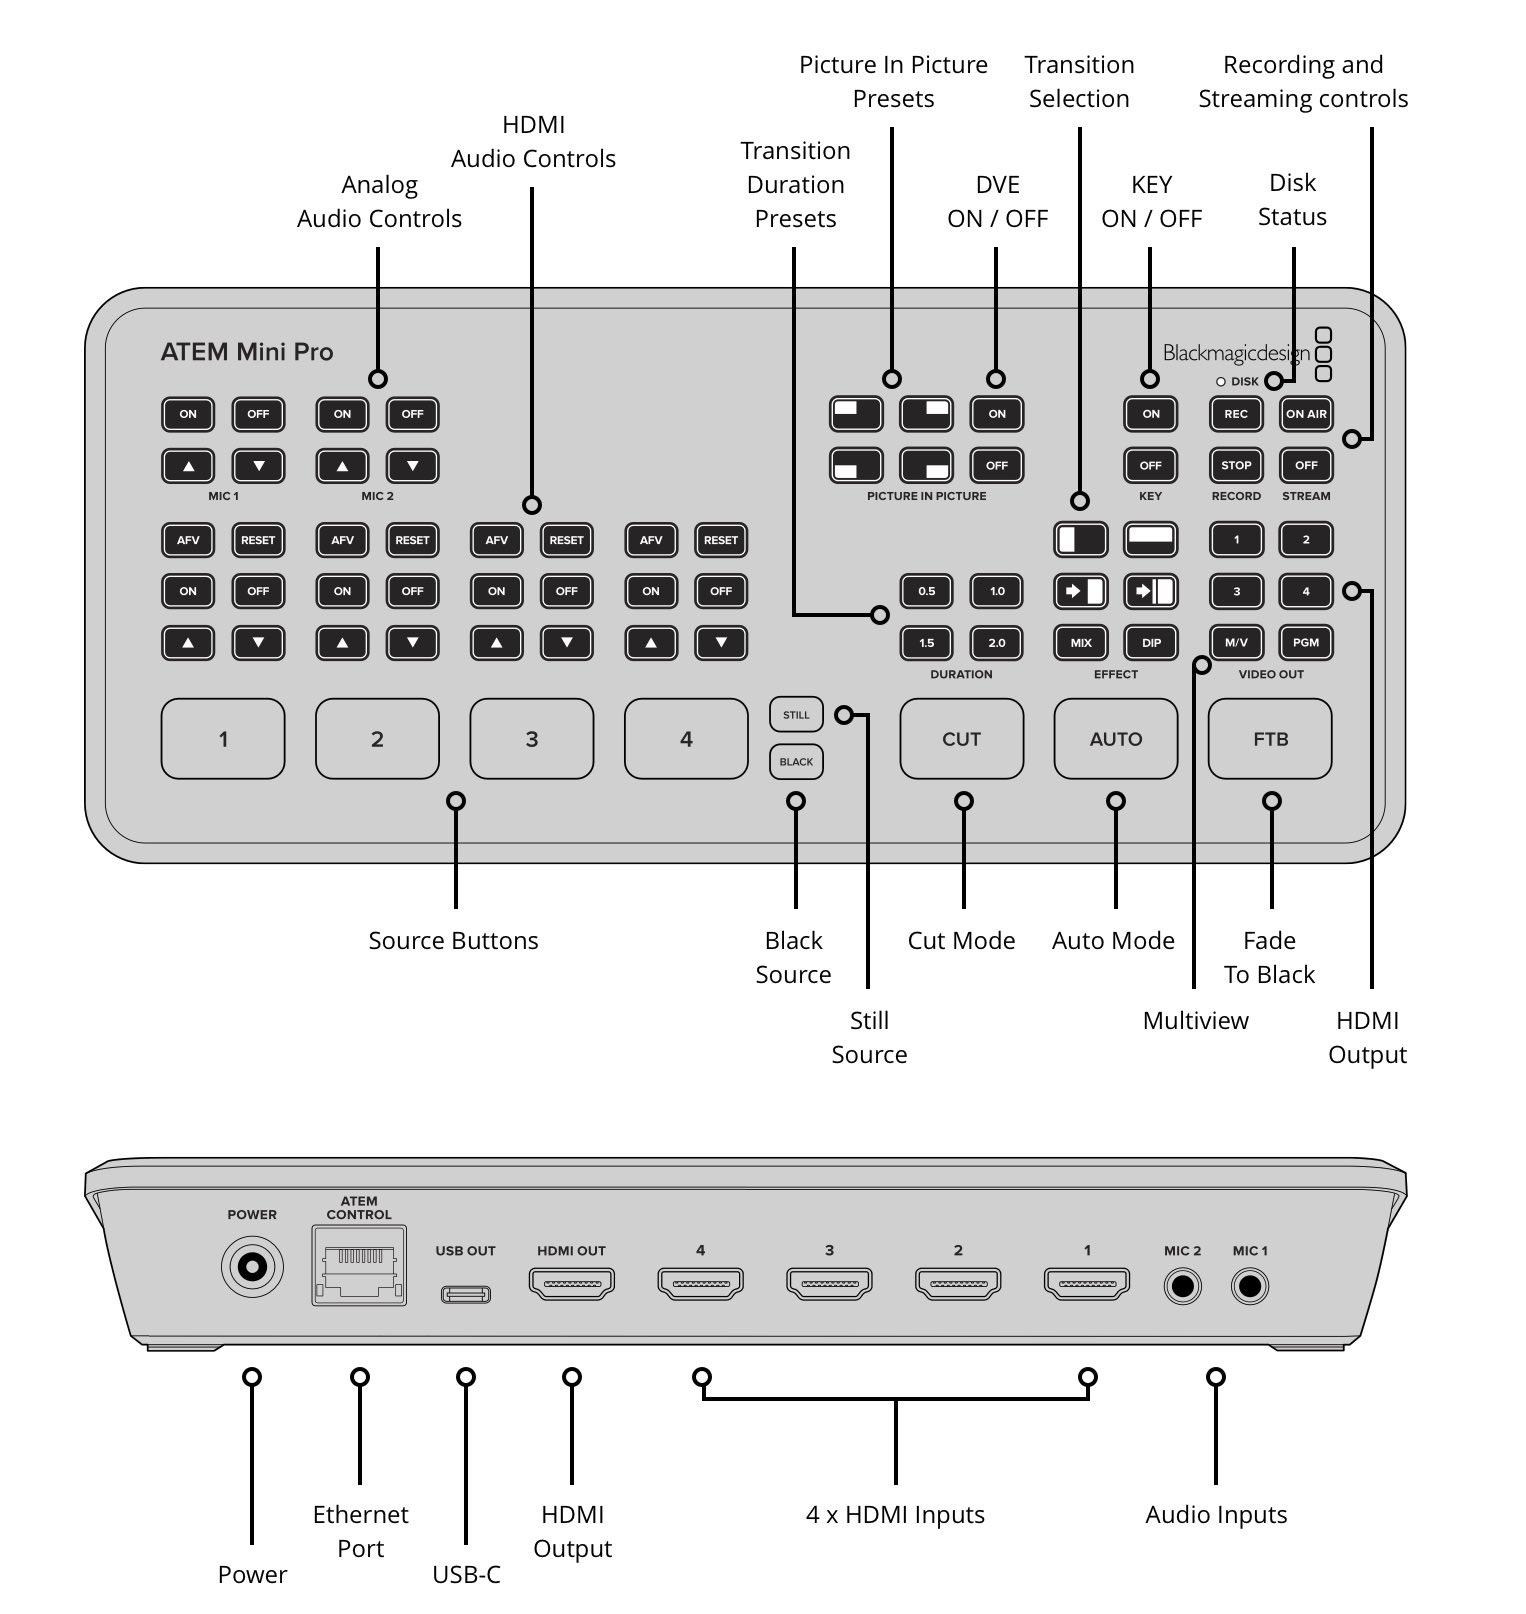 blackmagic atem mini pro inputs